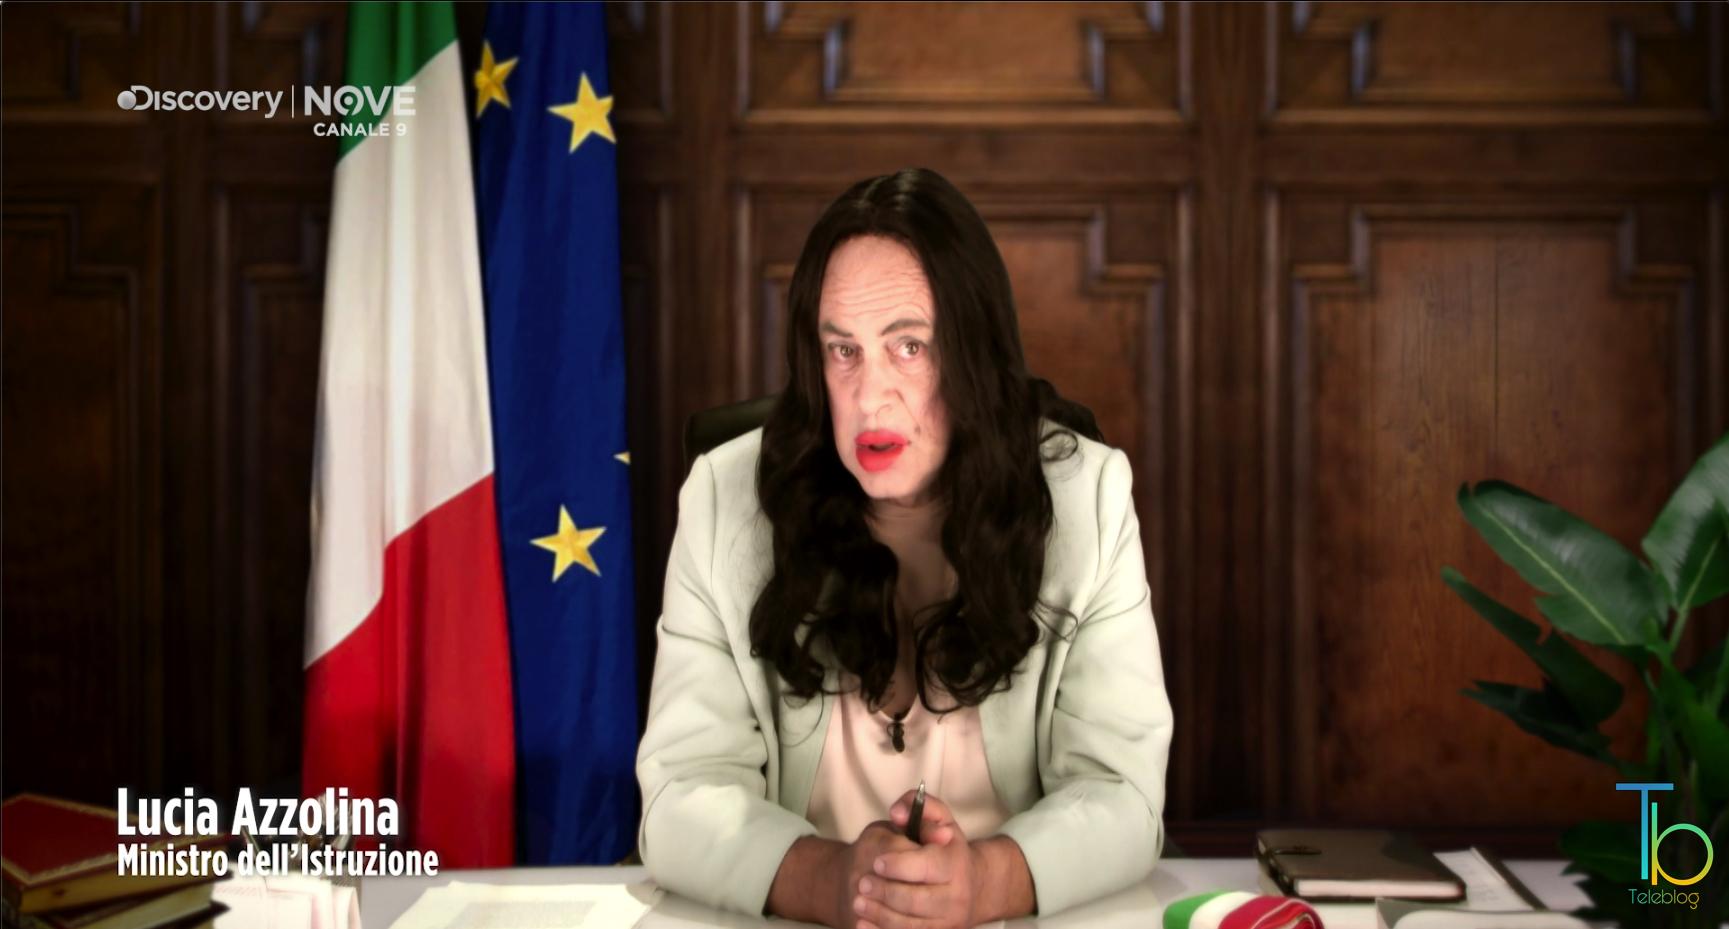 Maurizio Crozza imita Lucia Azzolina